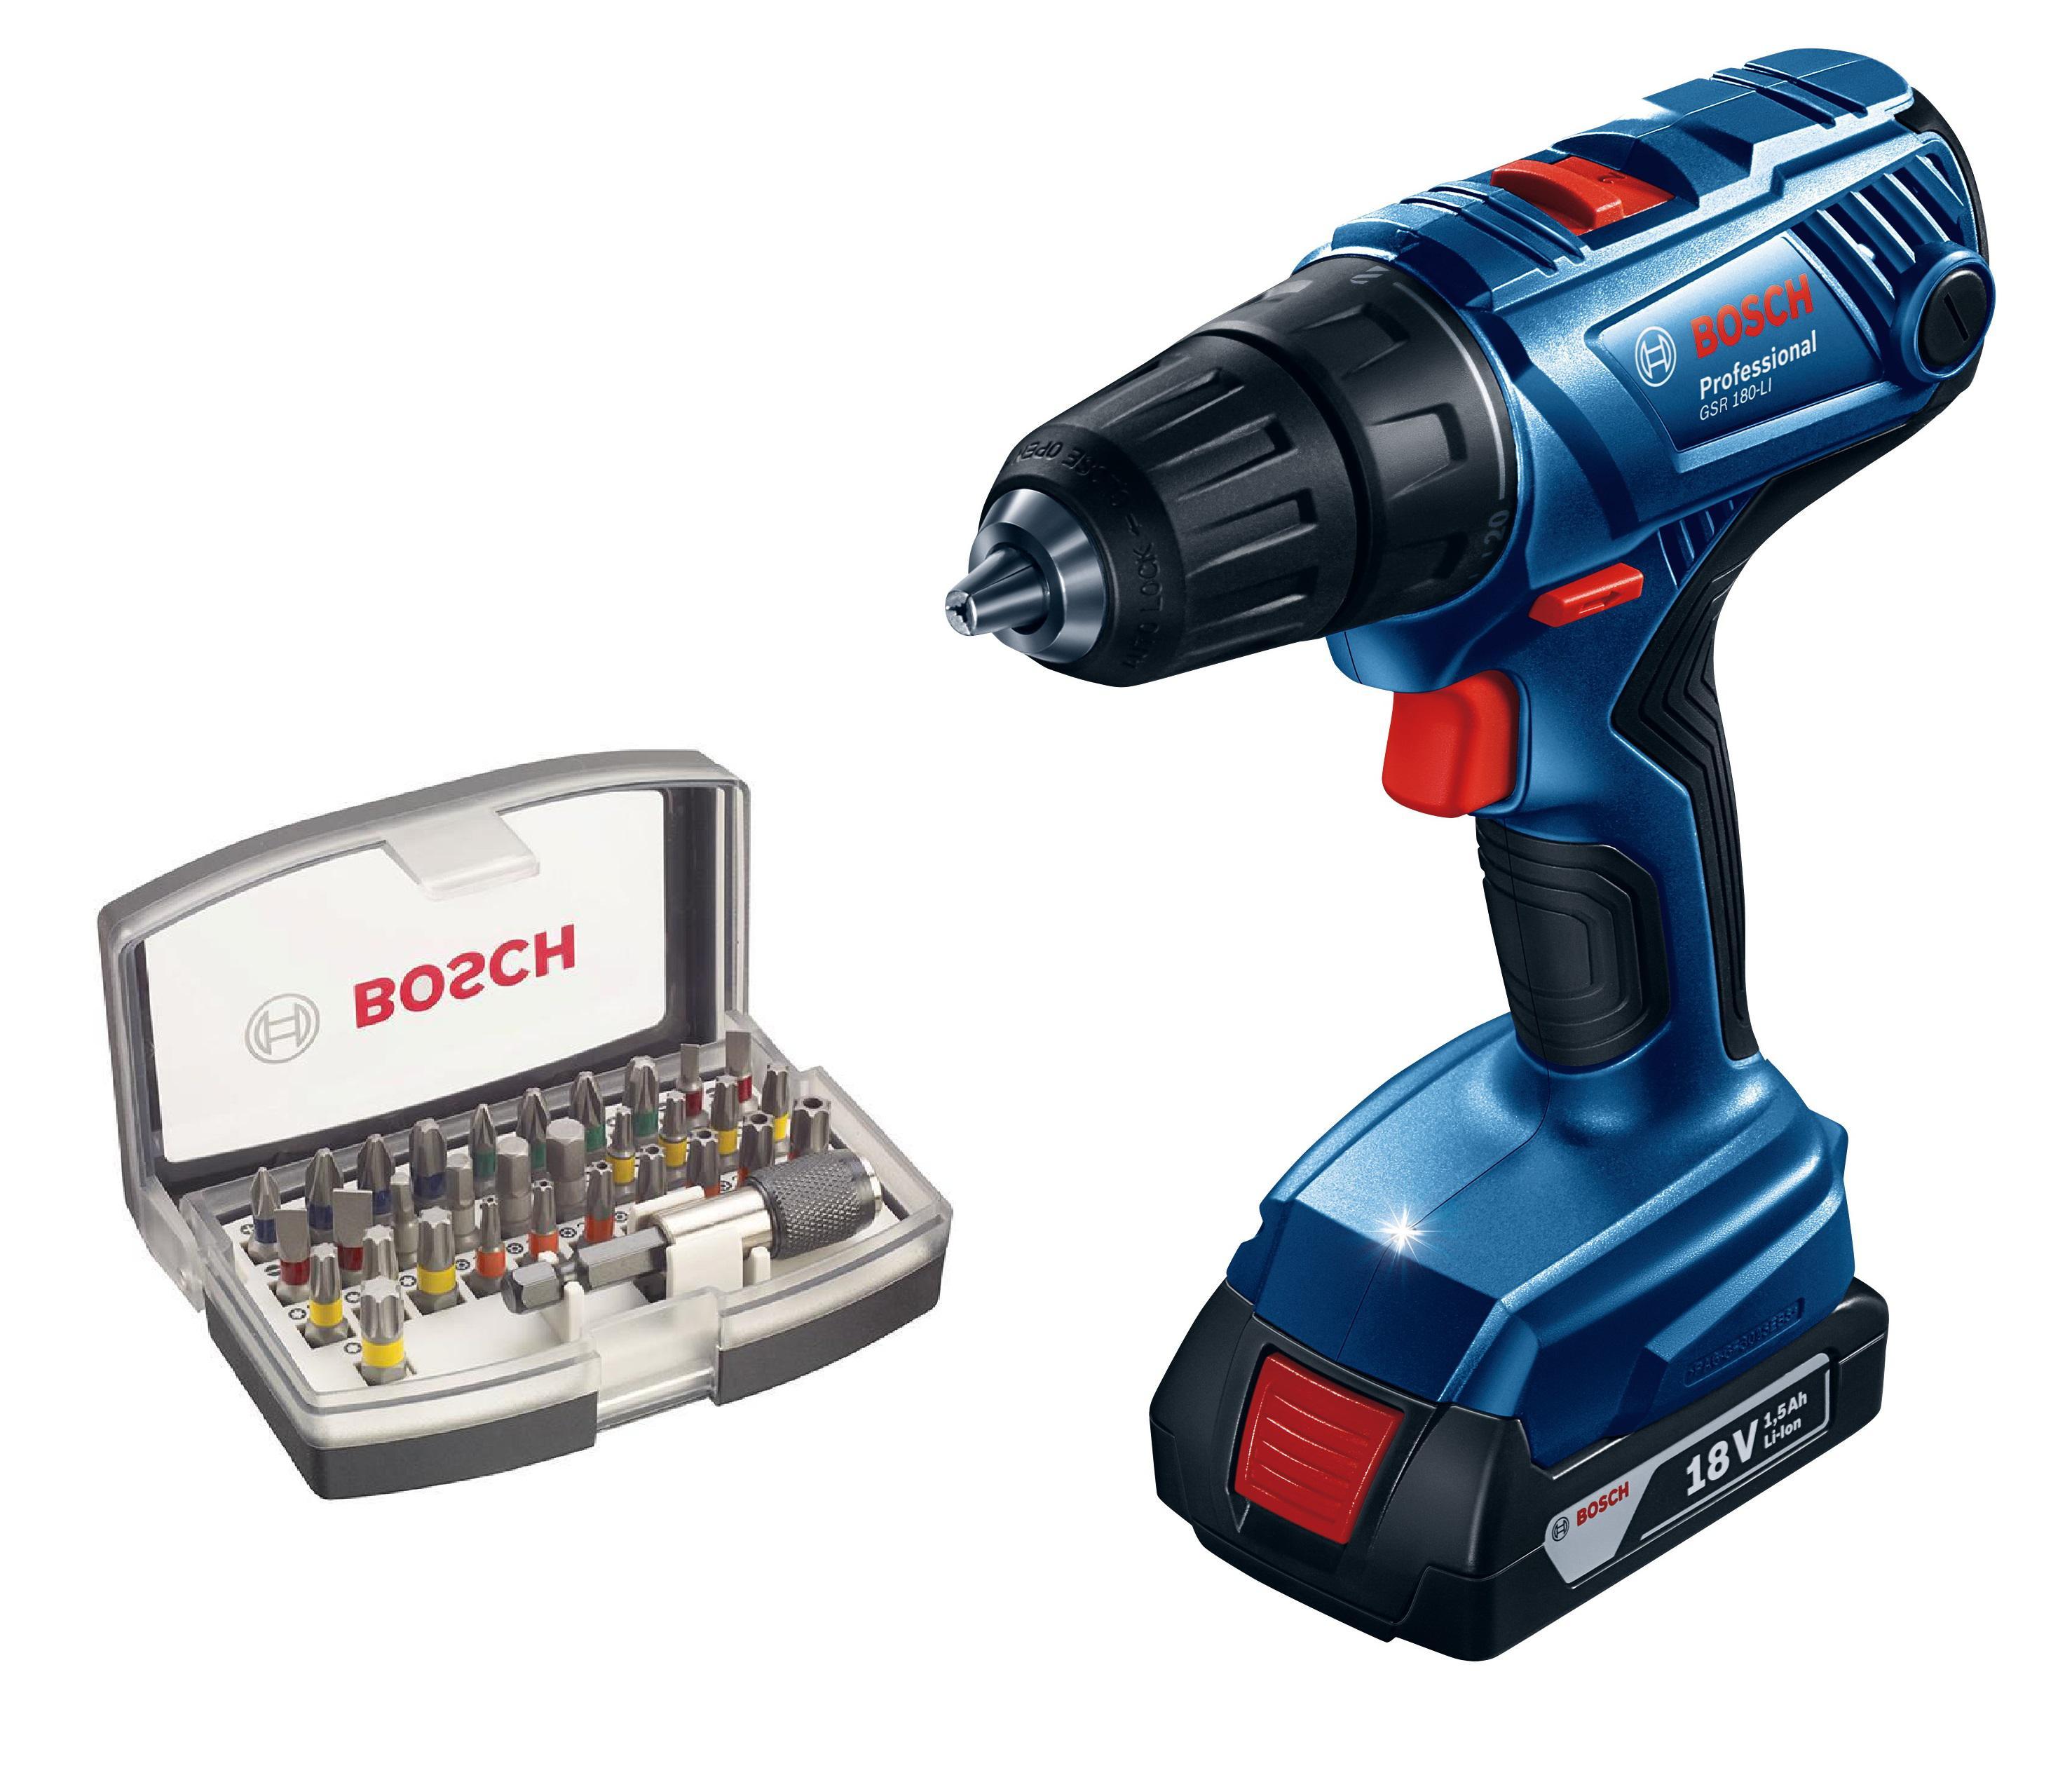 Дрель аккумуляторная Bosch Gsr 180-li (0.601.9f8.120) + Набор бит